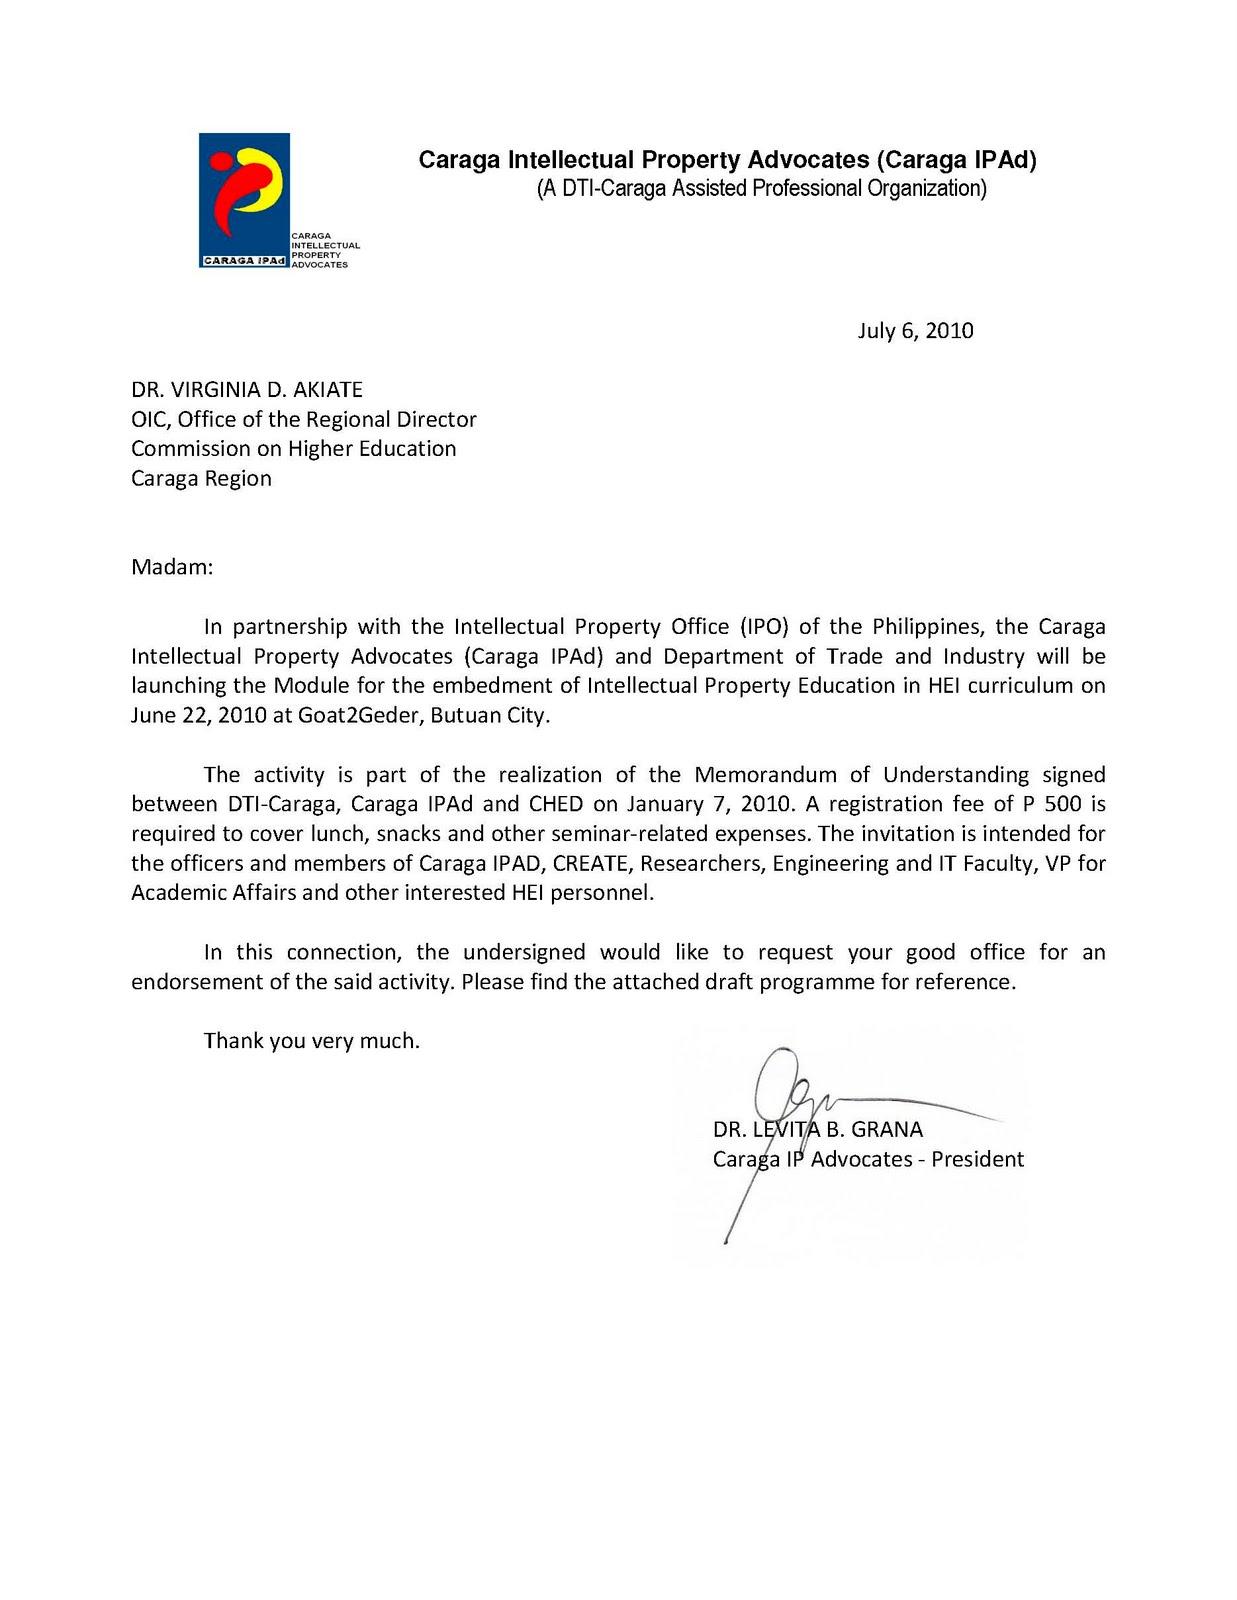 Caraga IP Advocates: 2010